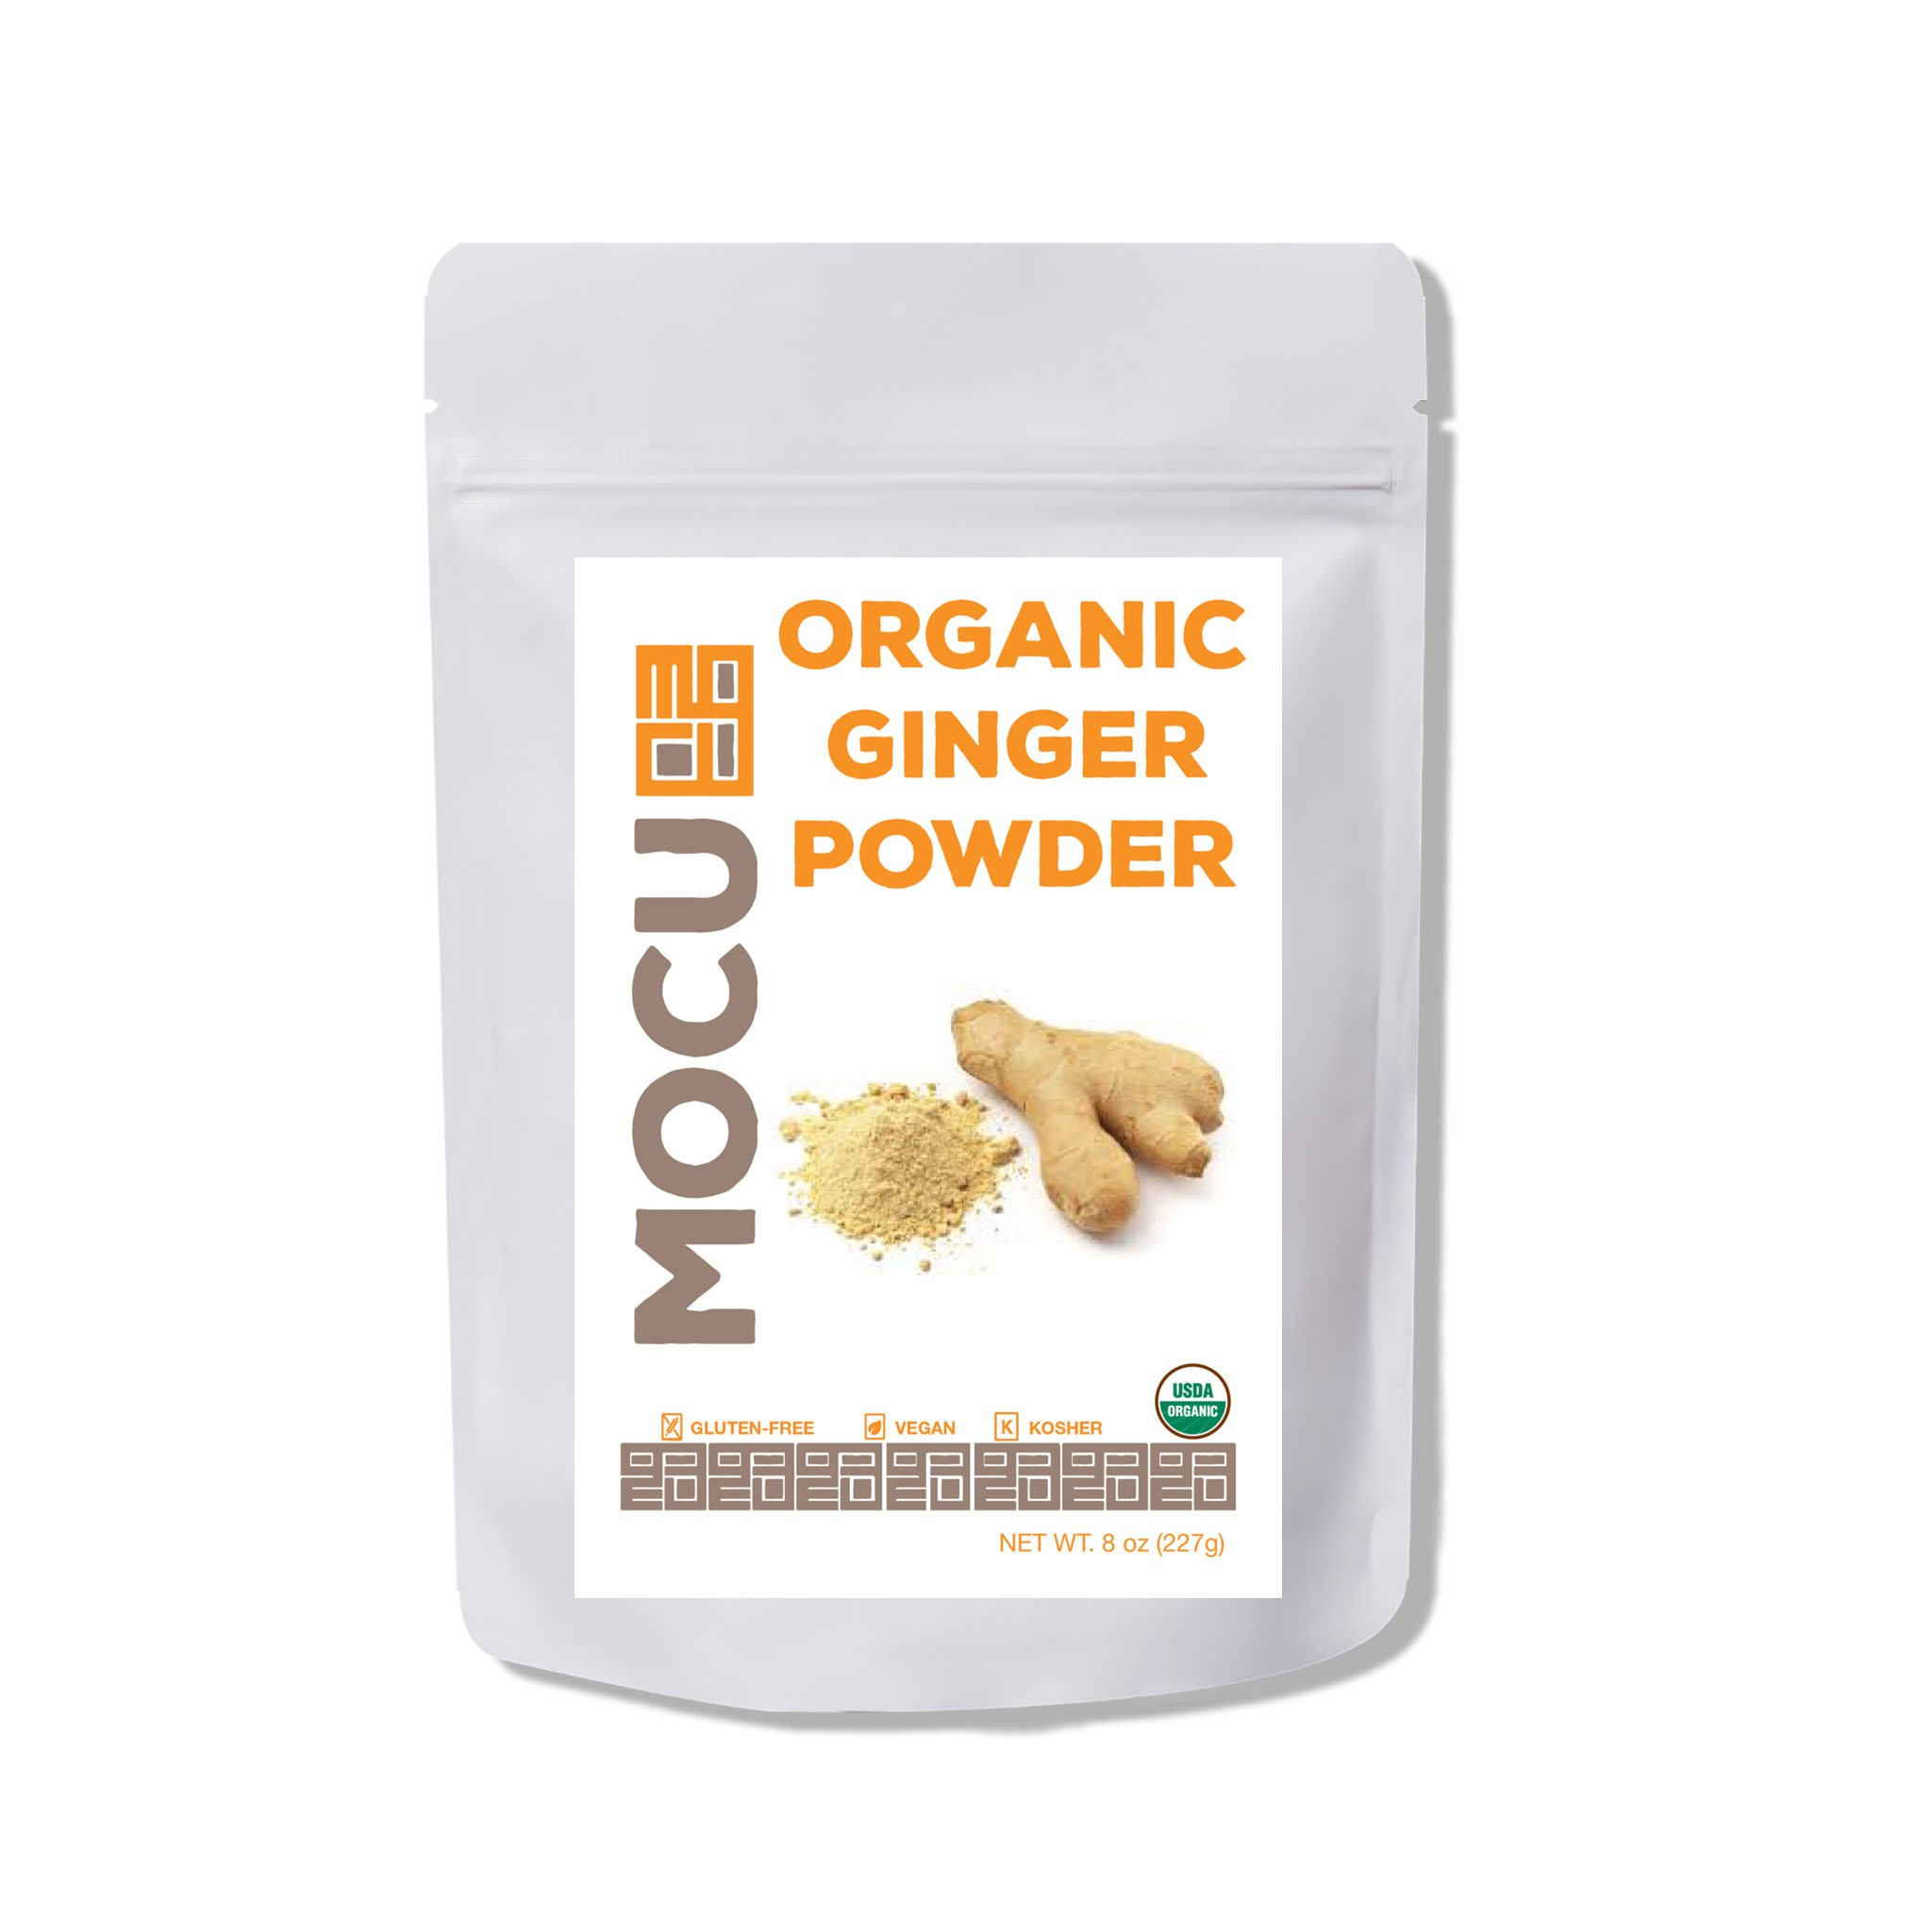 mocu-organic-ginger-powder-front.jpg